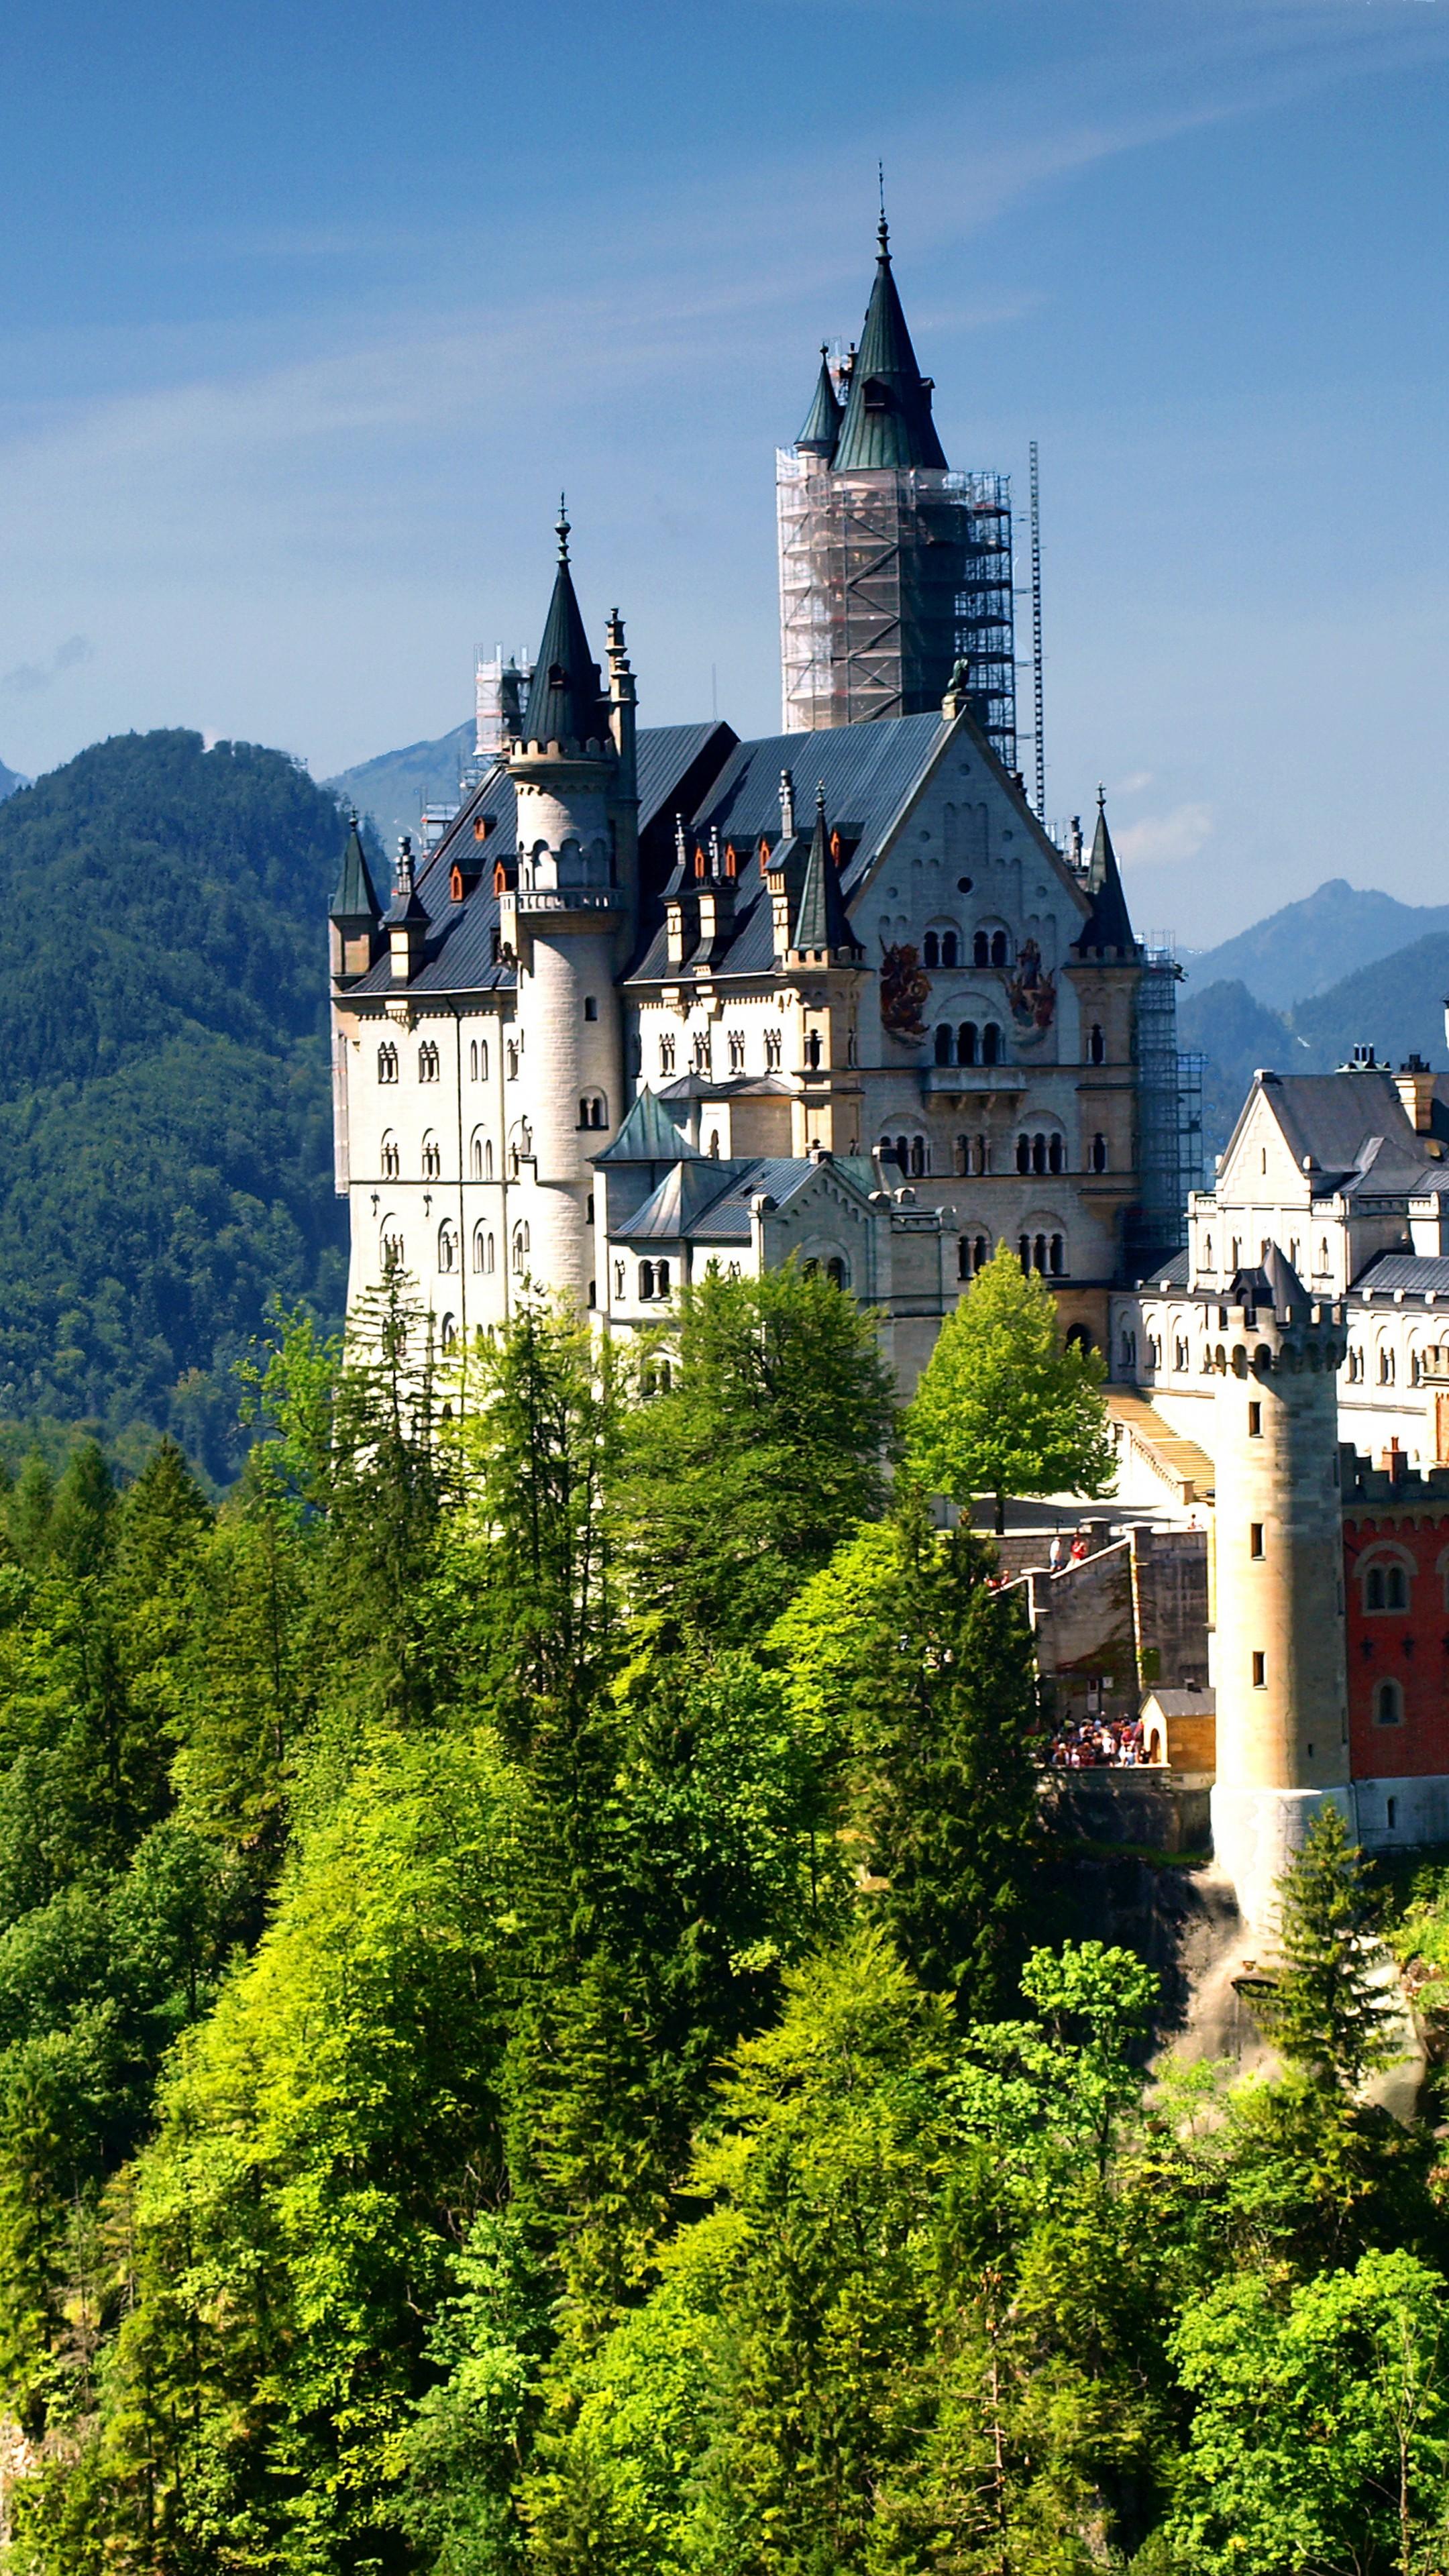 Wallpaper Neuschwanstein Castle Bavaria Germany Alps